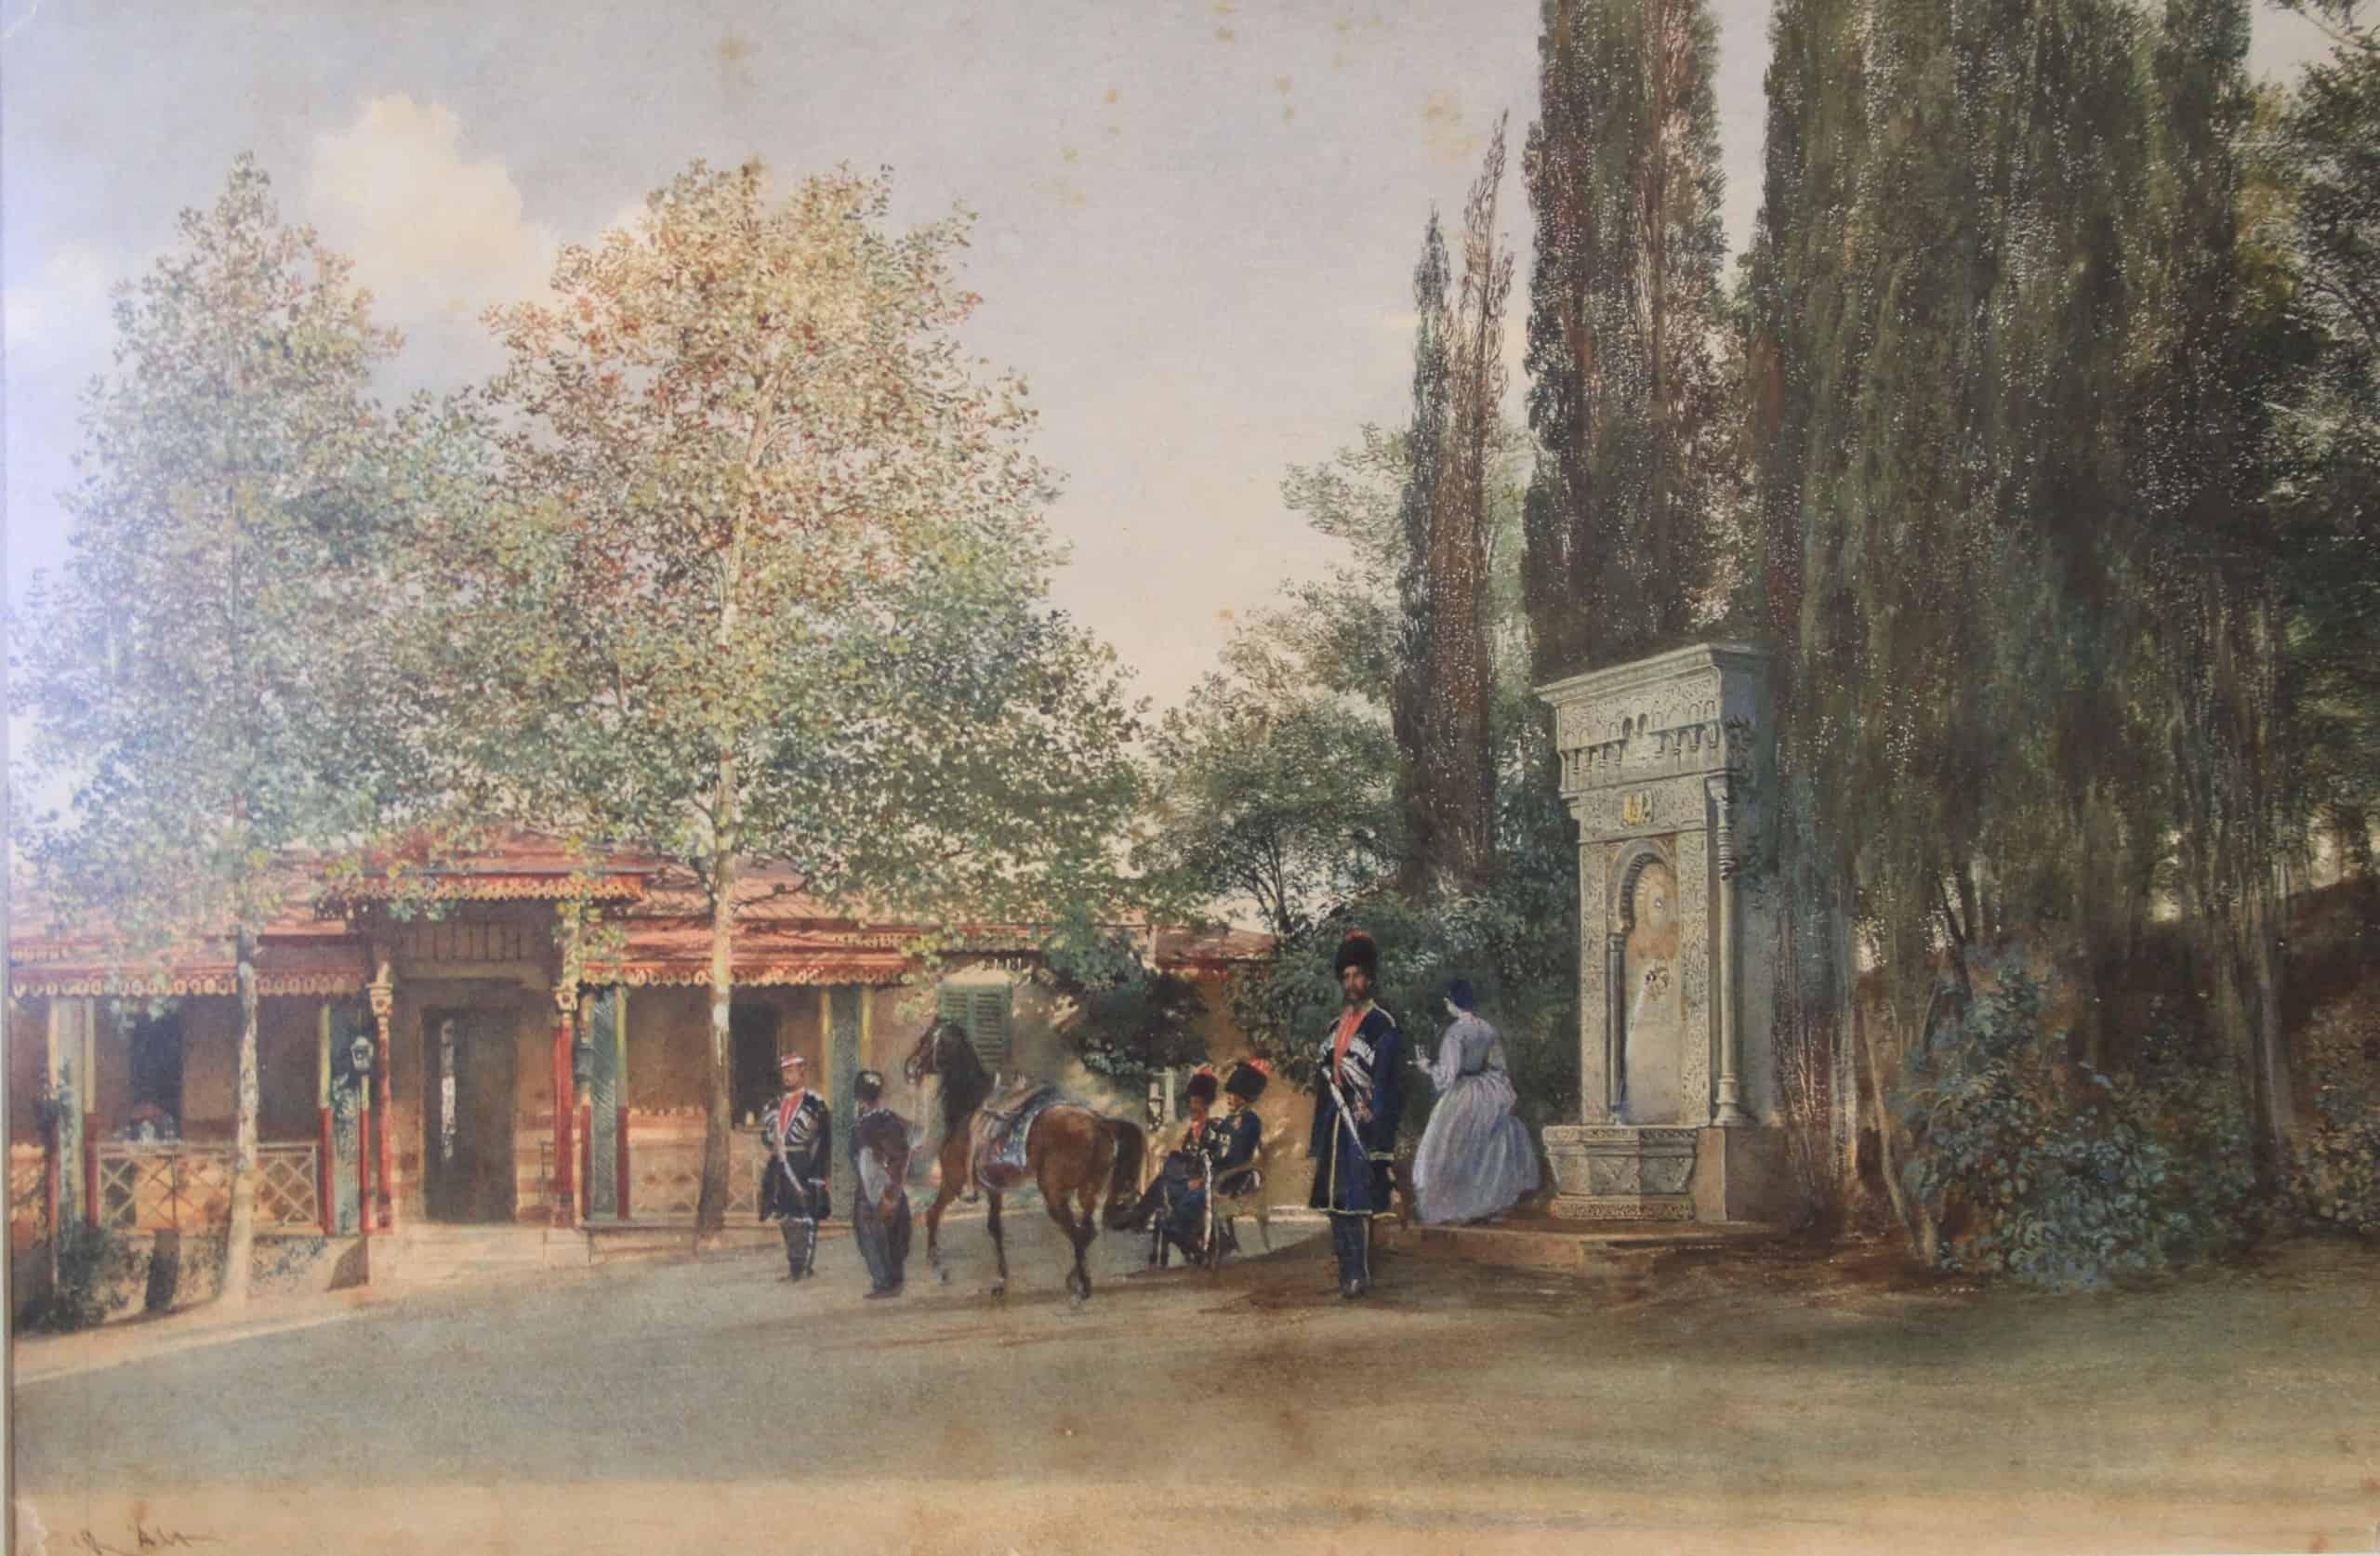 Р. фон Альт. «Мавританский» фонтан в парке Ливадии. 1863 г.